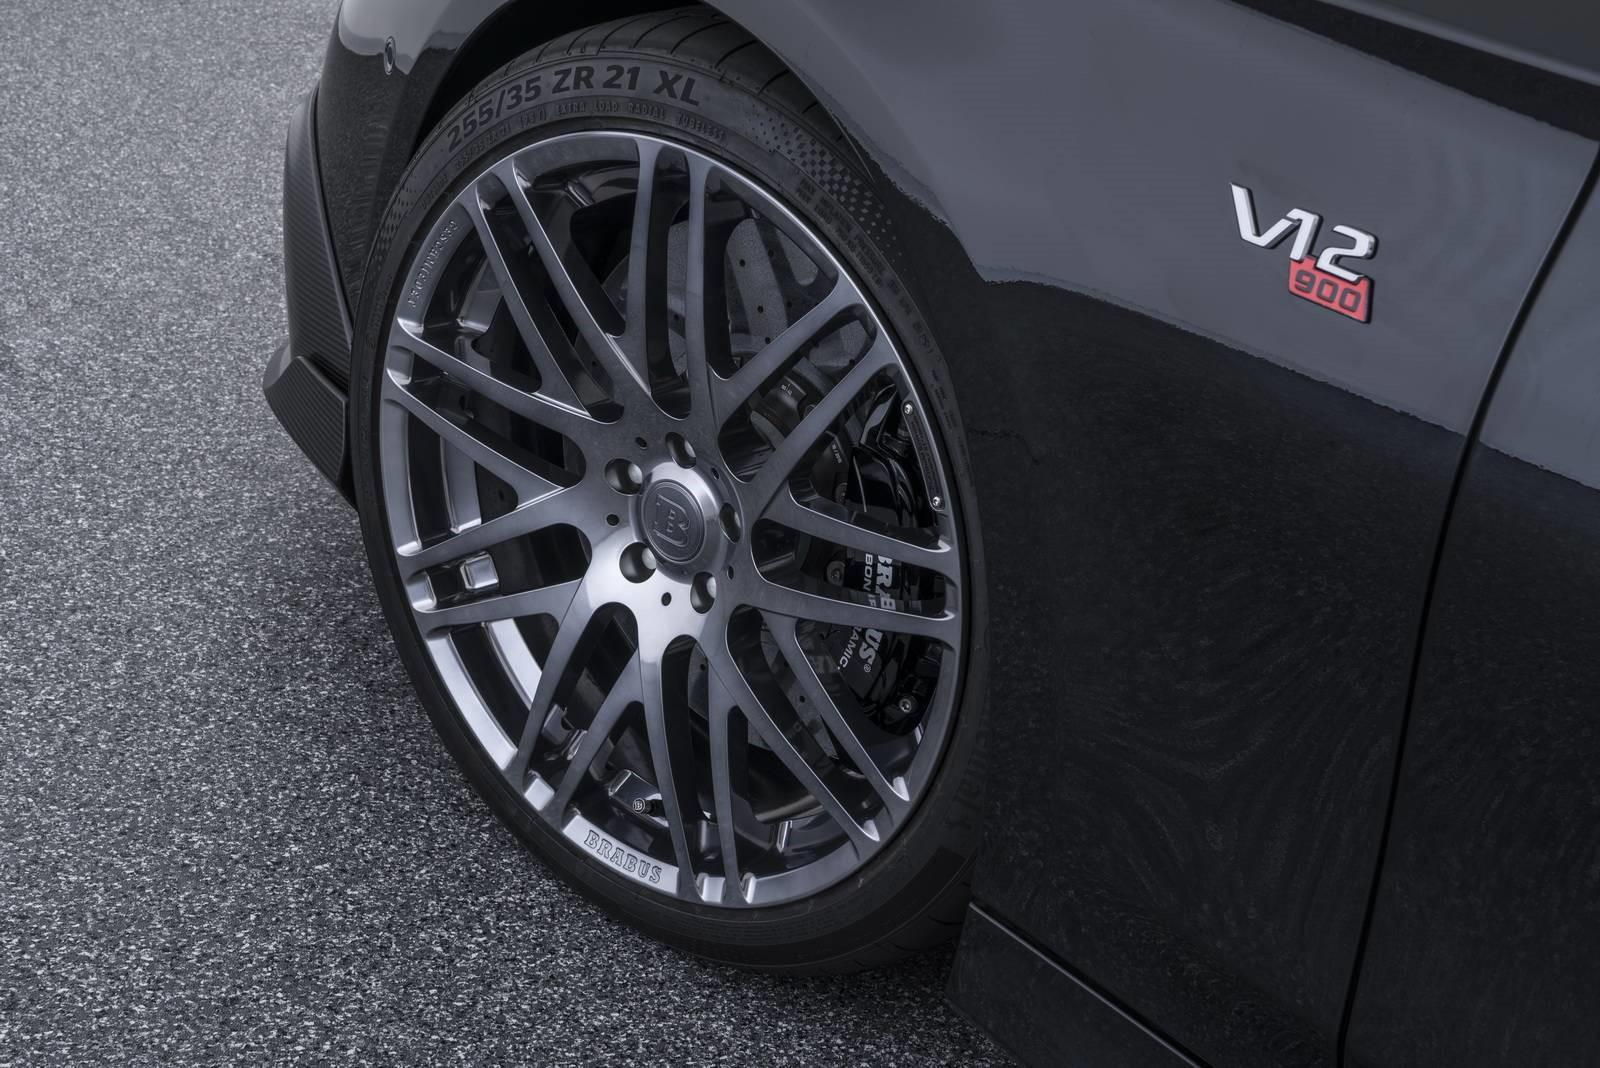 le-cabriolet-4-places-le-plus-puissant-et-le-plus-rapide-au-monde-brabus-rocket-900-cabriolet-411-5.jpg